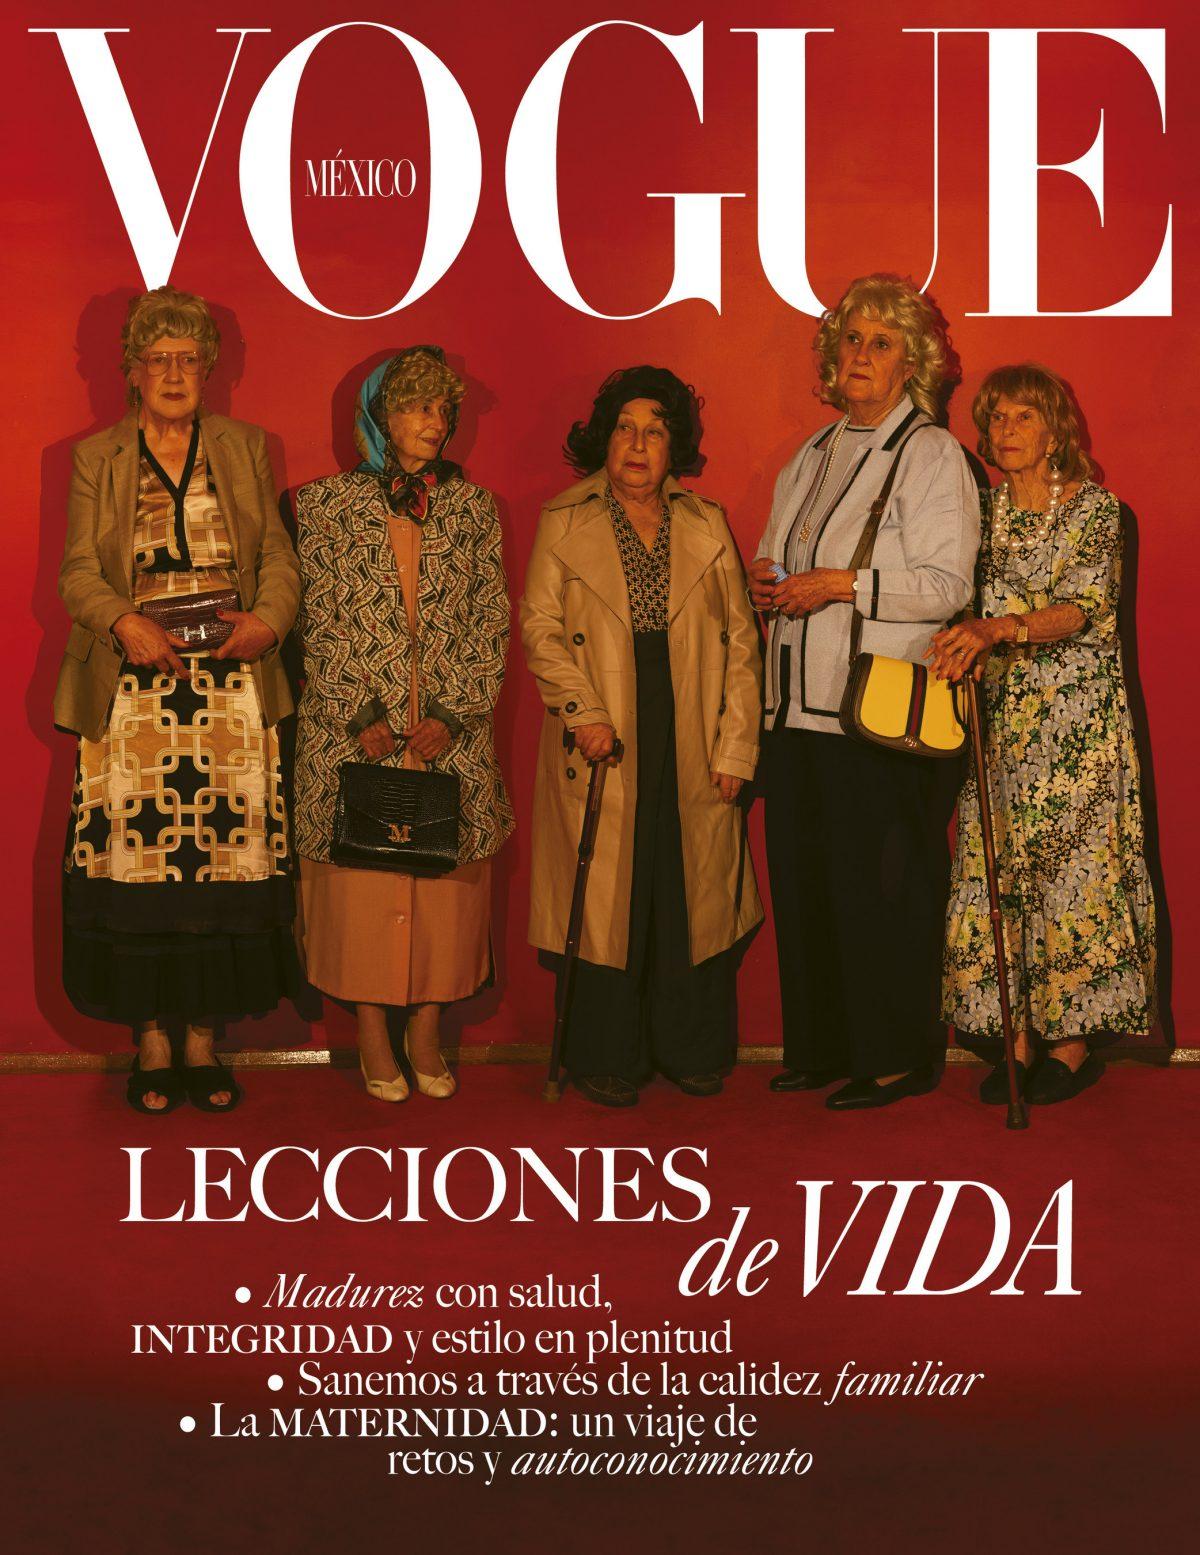 Este mes de la madre, Vogue México presenta en portada un homenaje a la figura maternal mexicana: La abuelita